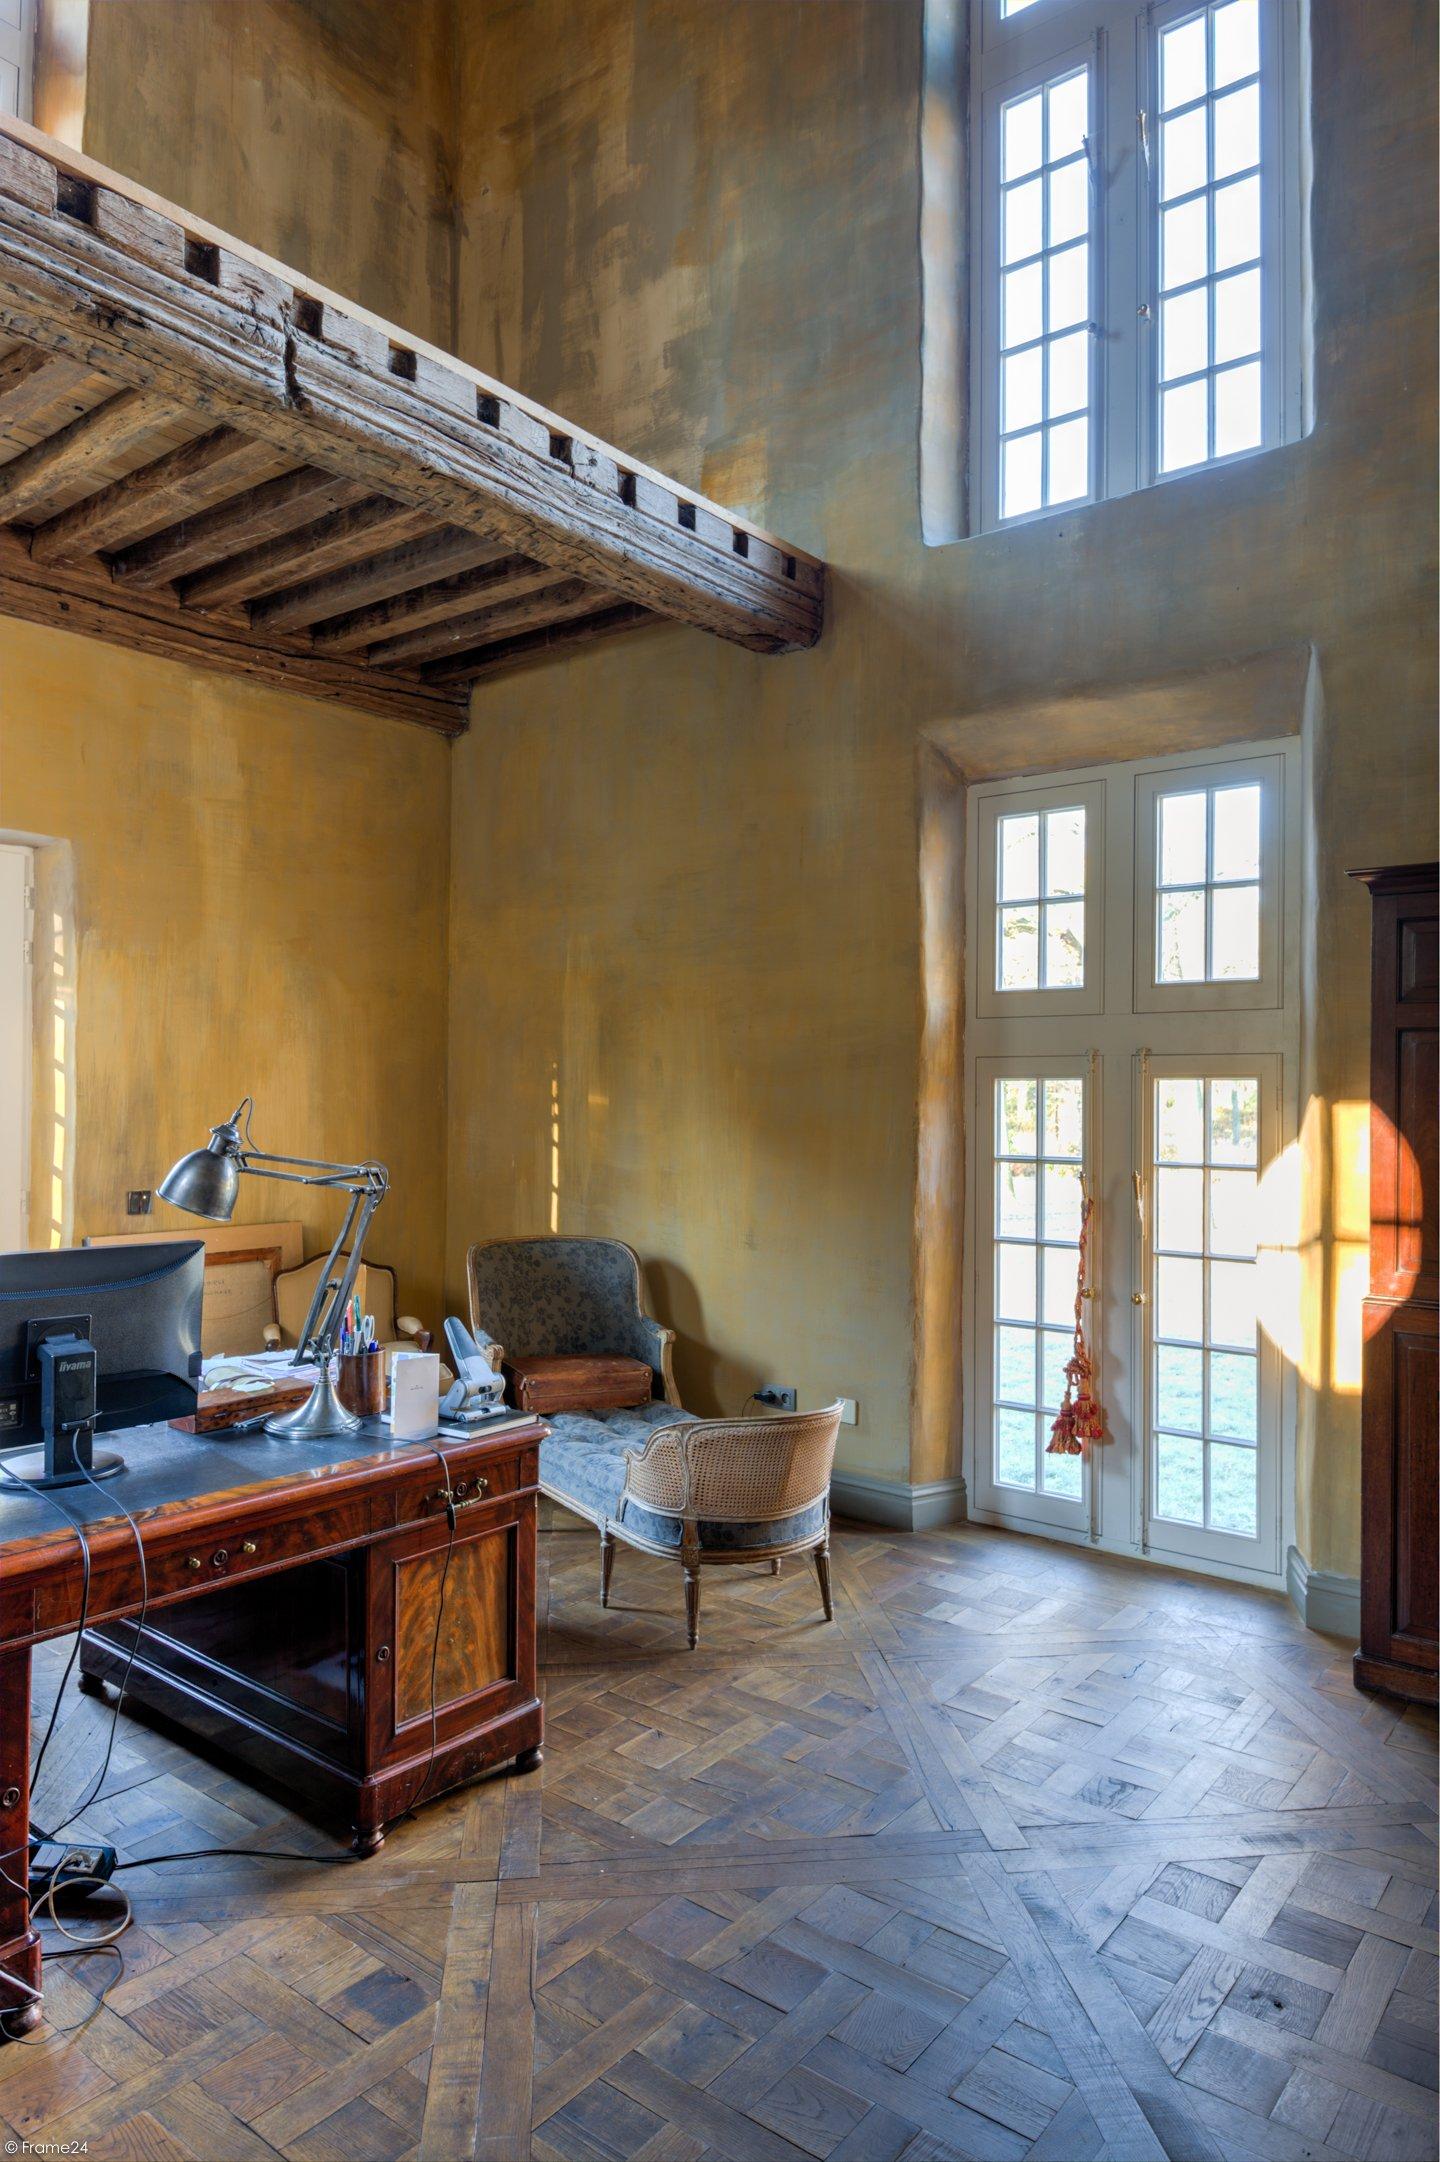 высокий потолок окна французские двери кабинет